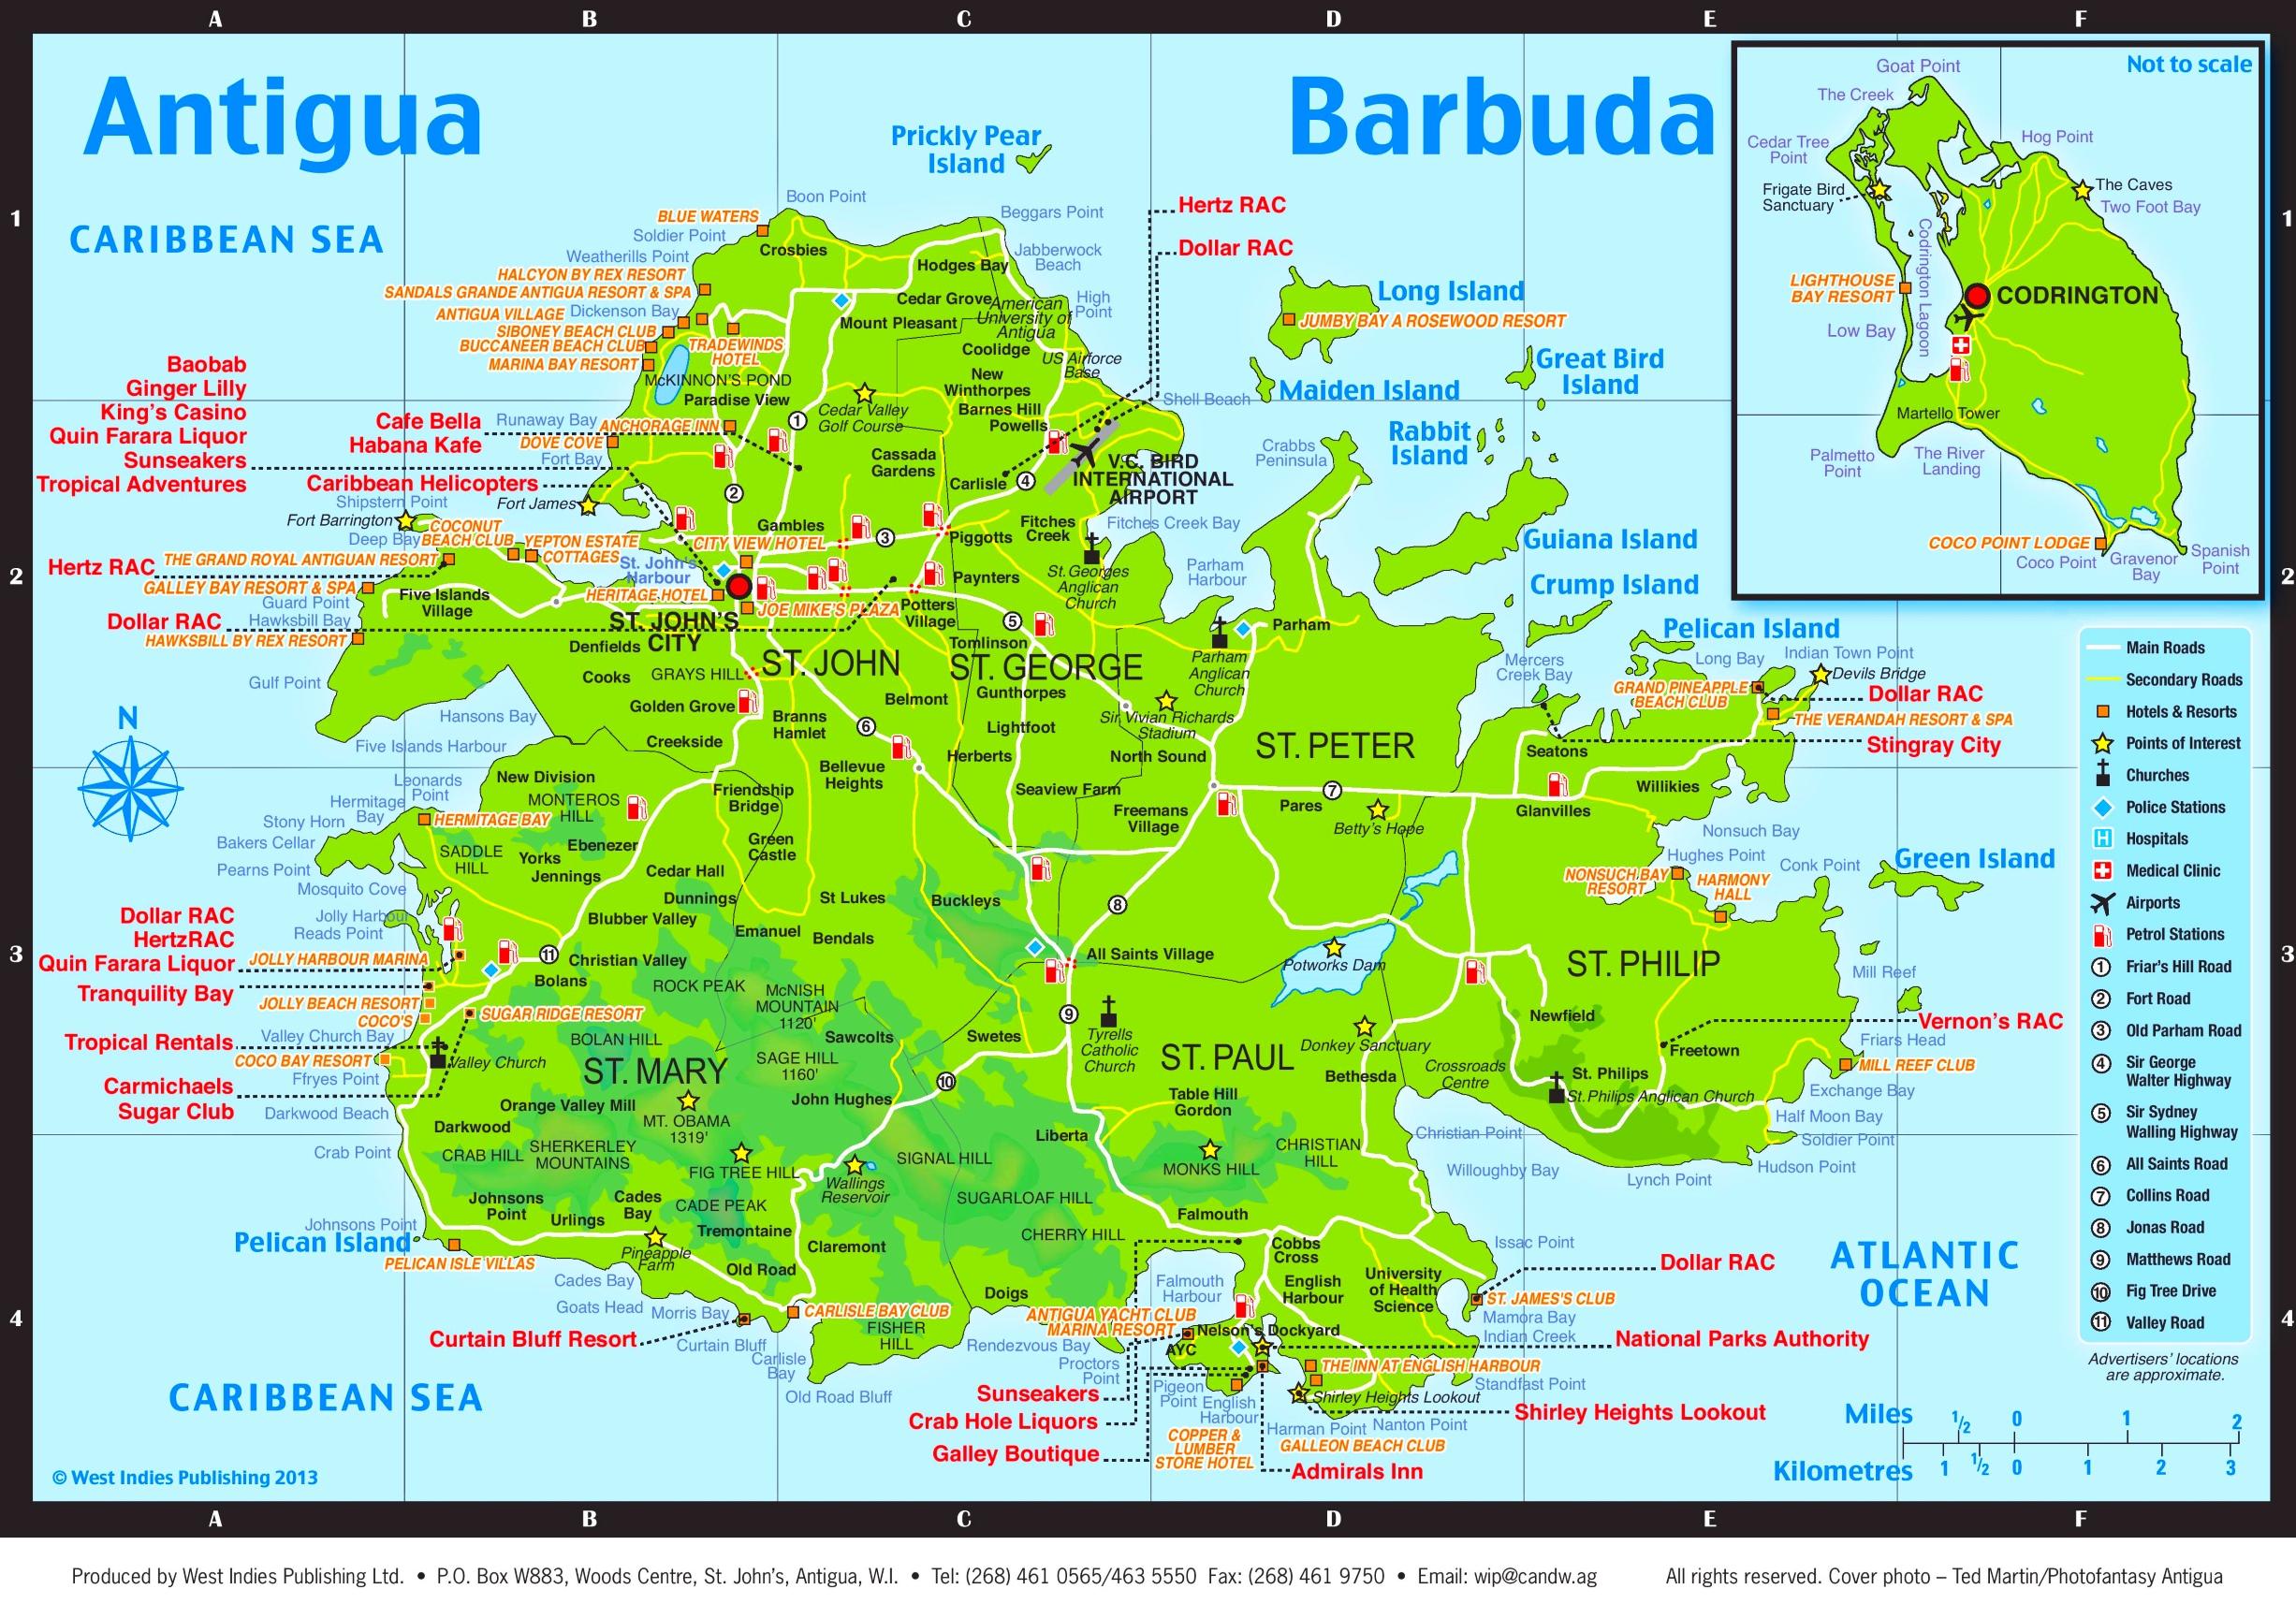 antigua karte Touristische karte von Antigua und Barbuda